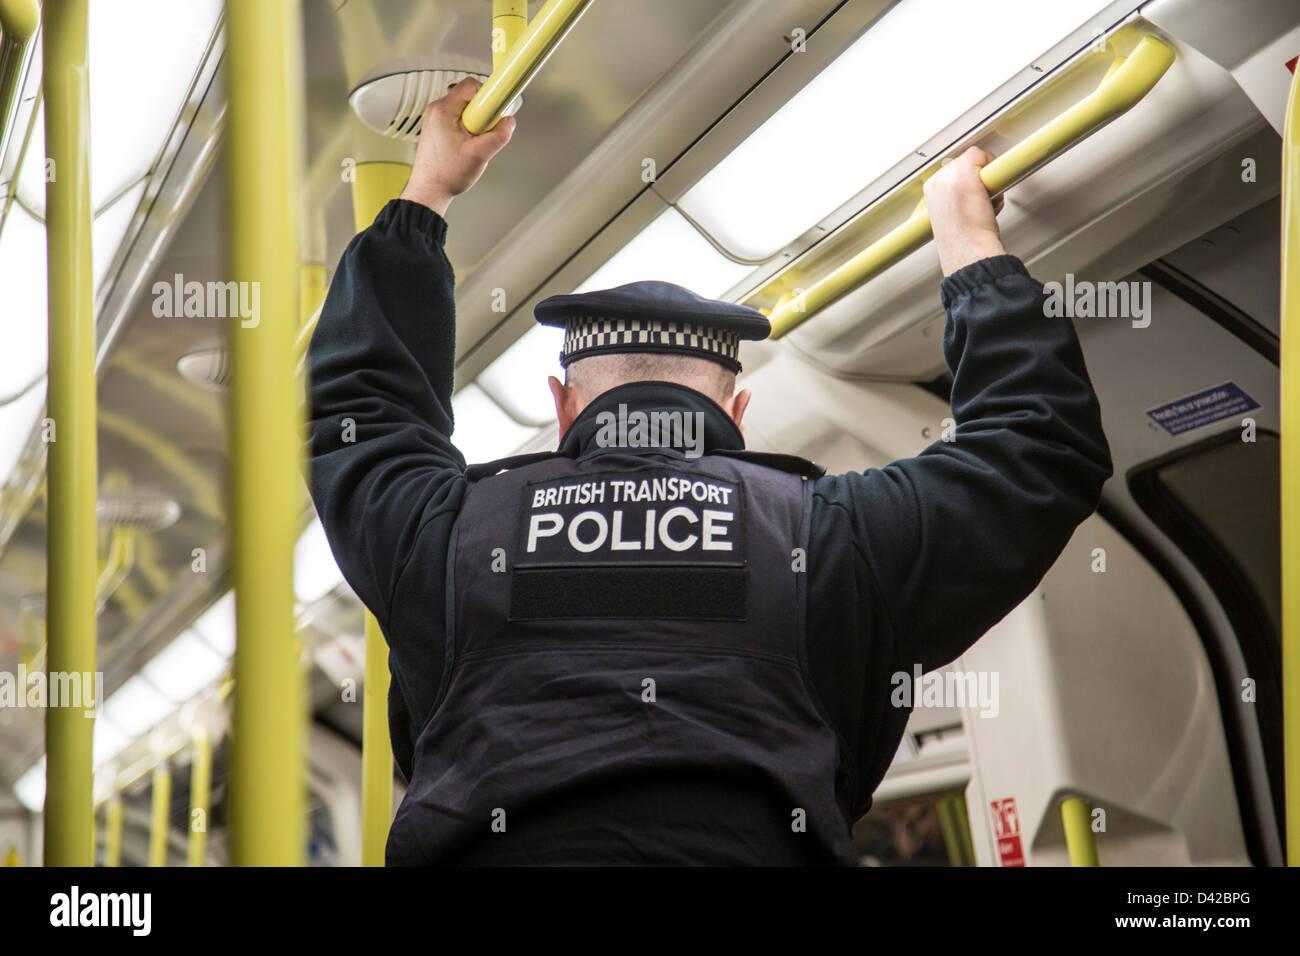 Oficial de la policía británica de transporte en metro tren tubo Imagen De Stock